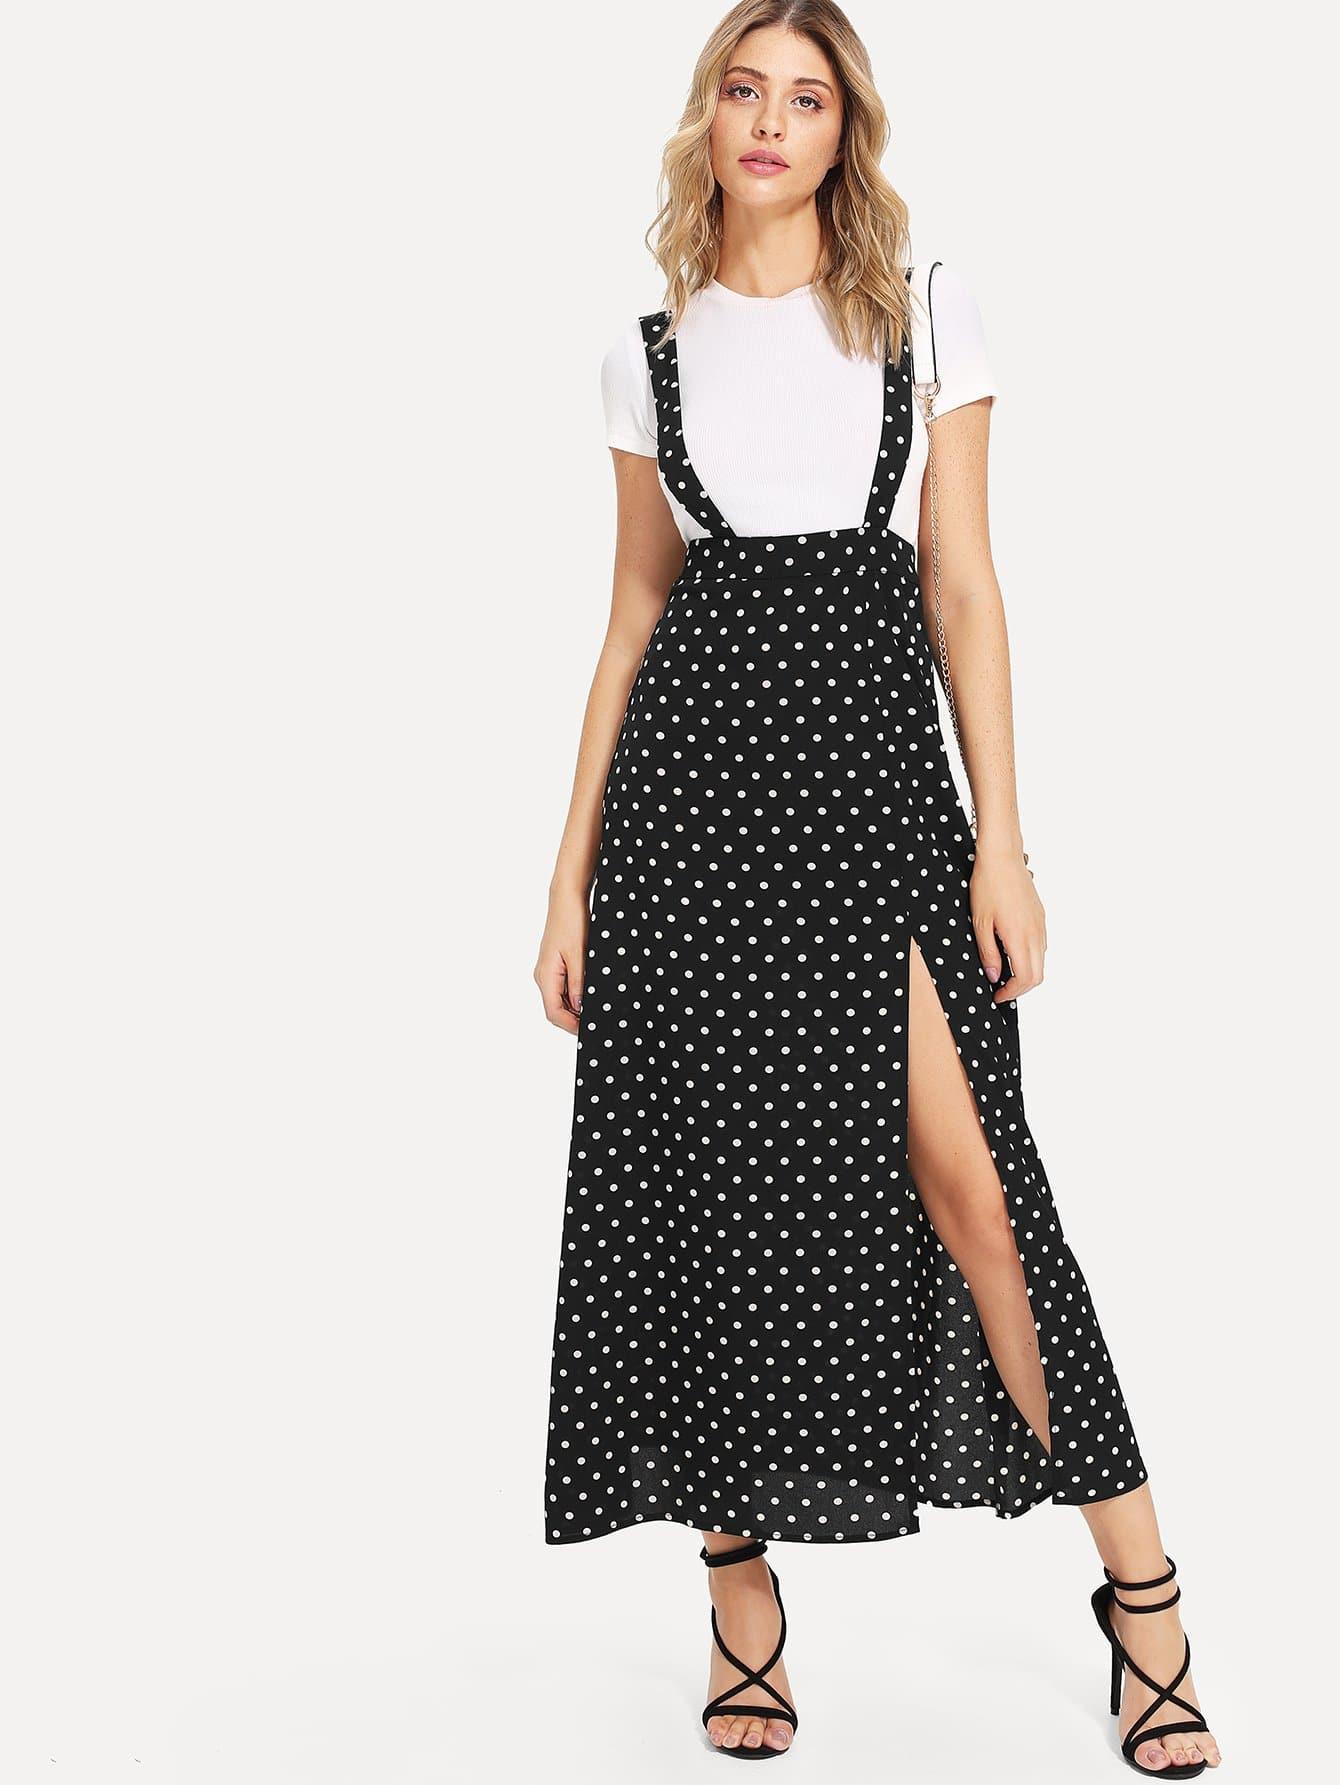 Split High Waist Polka Dot Pinafore Skirt high waist pocket patched dot skirt